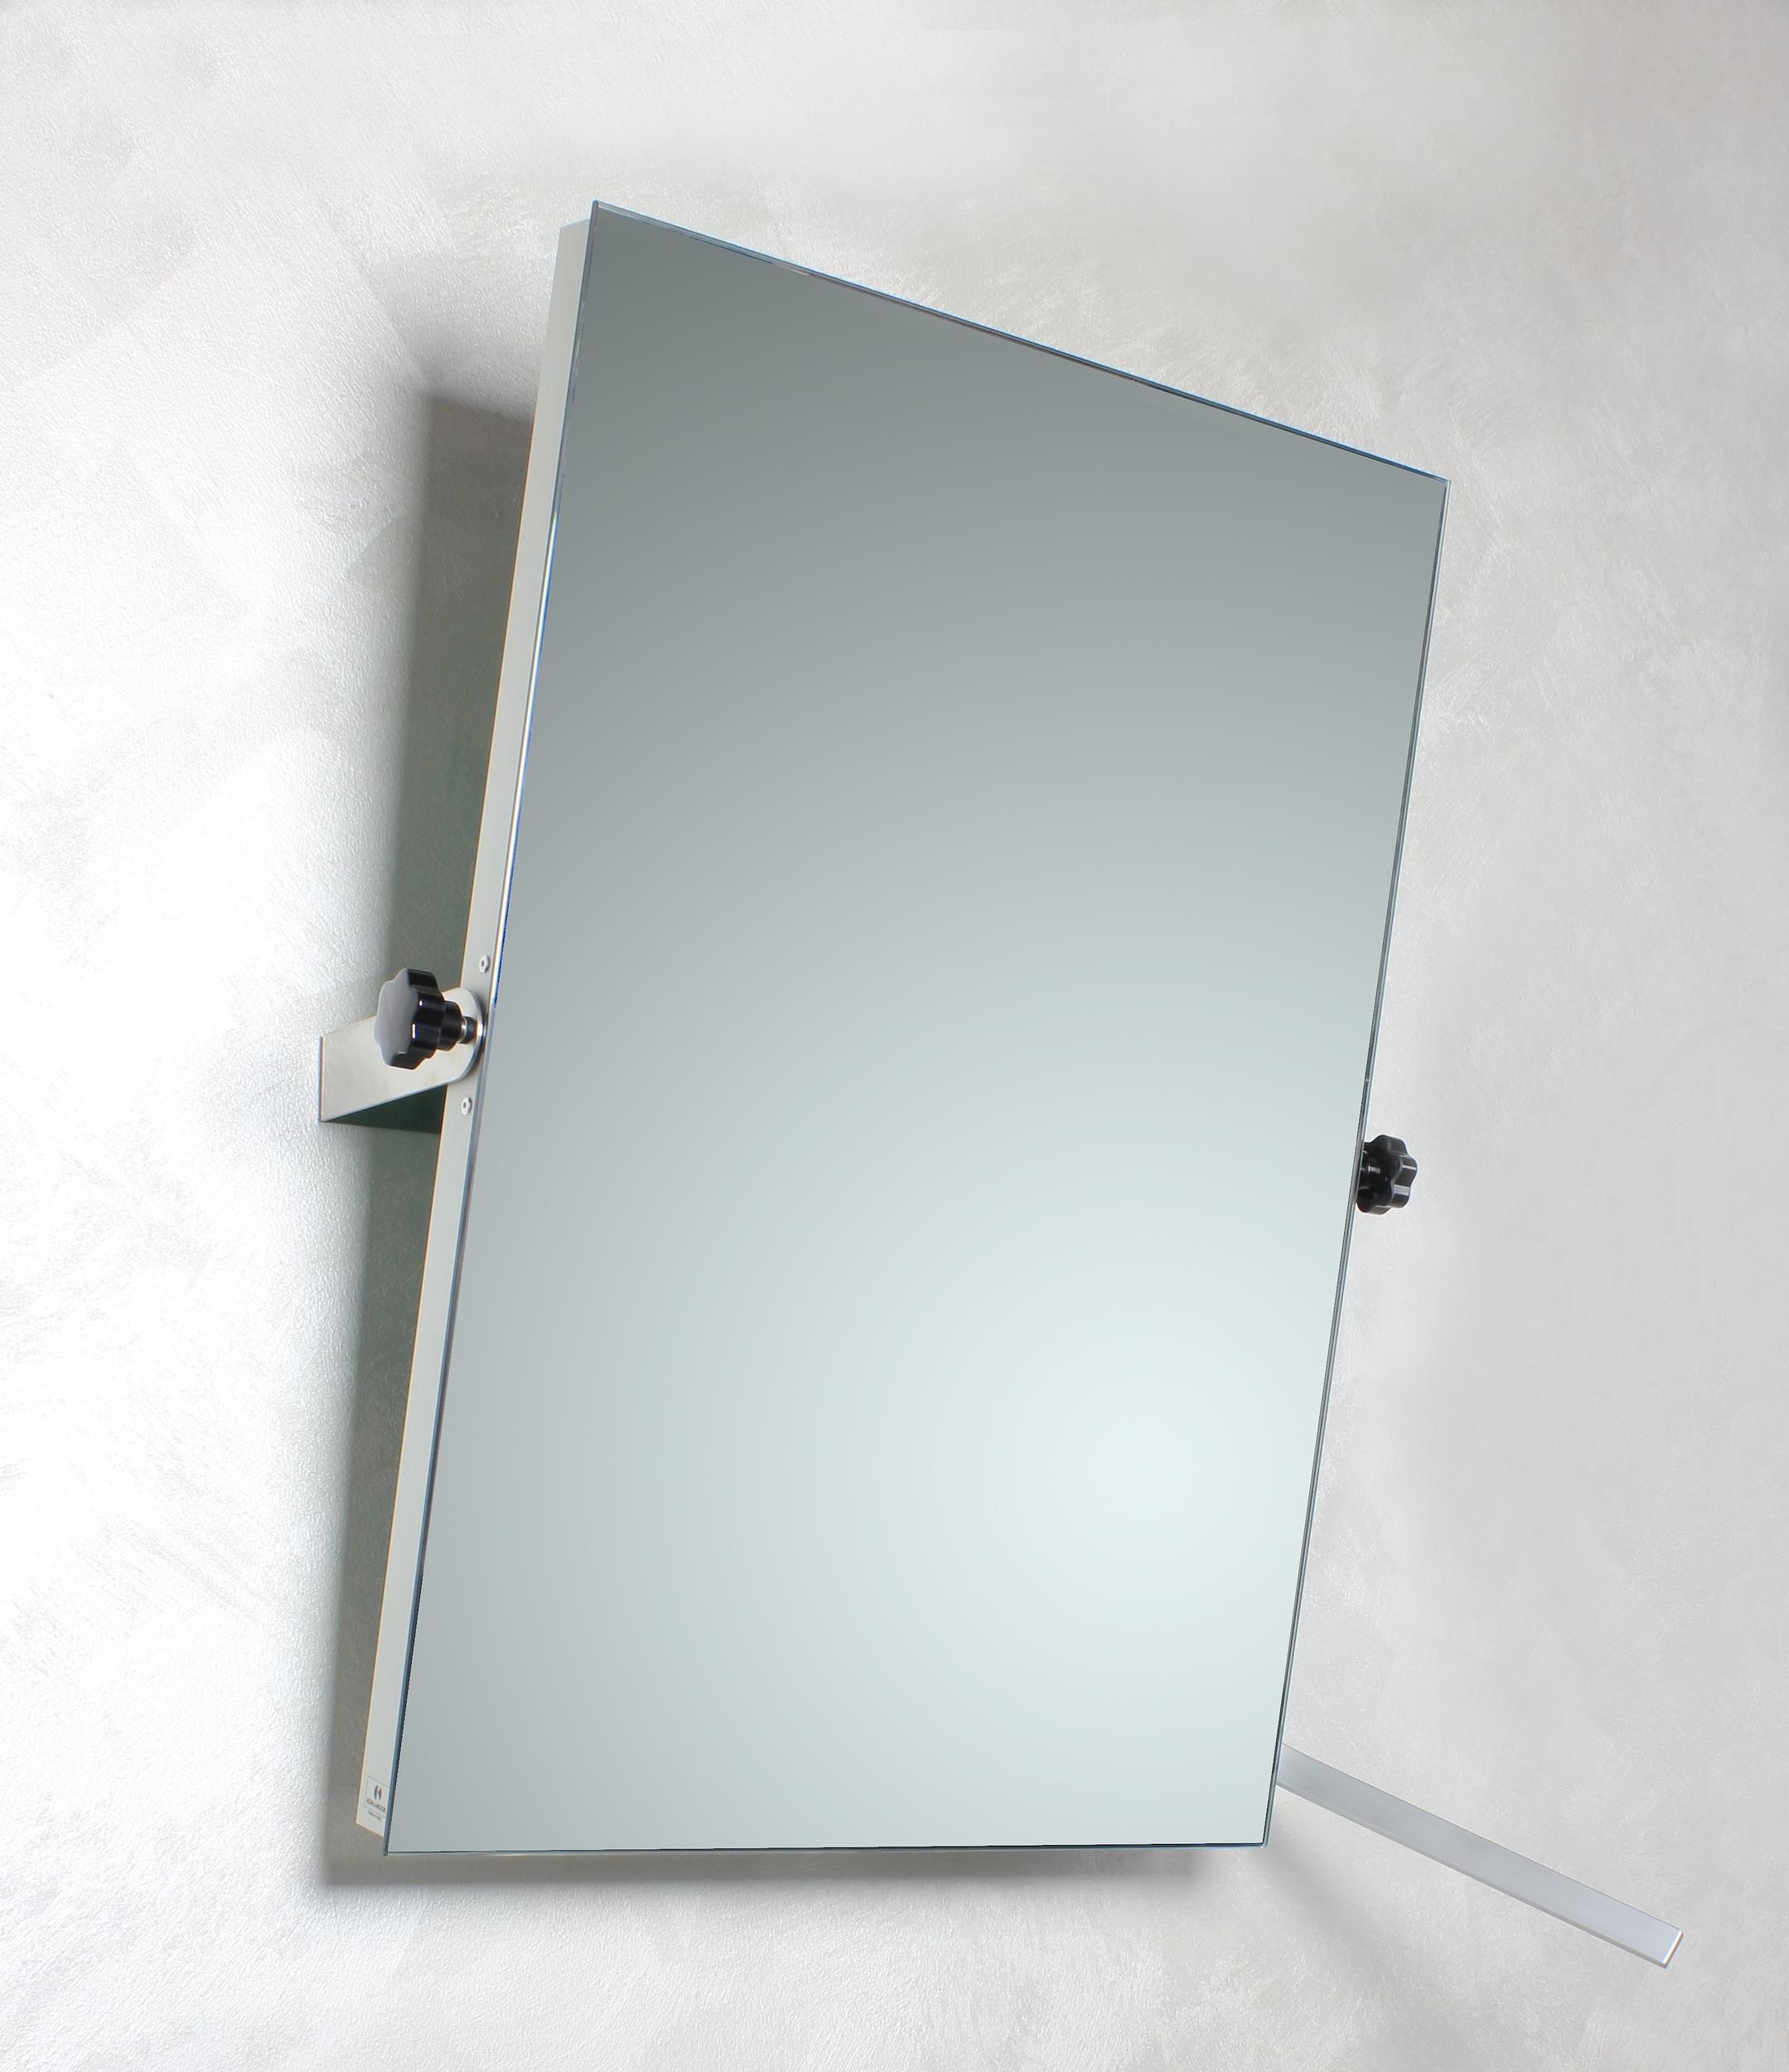 koh i noor specchio inclinabile behindertengerechter kippbarer spiegel 500 x 700 mm 45622d. Black Bedroom Furniture Sets. Home Design Ideas